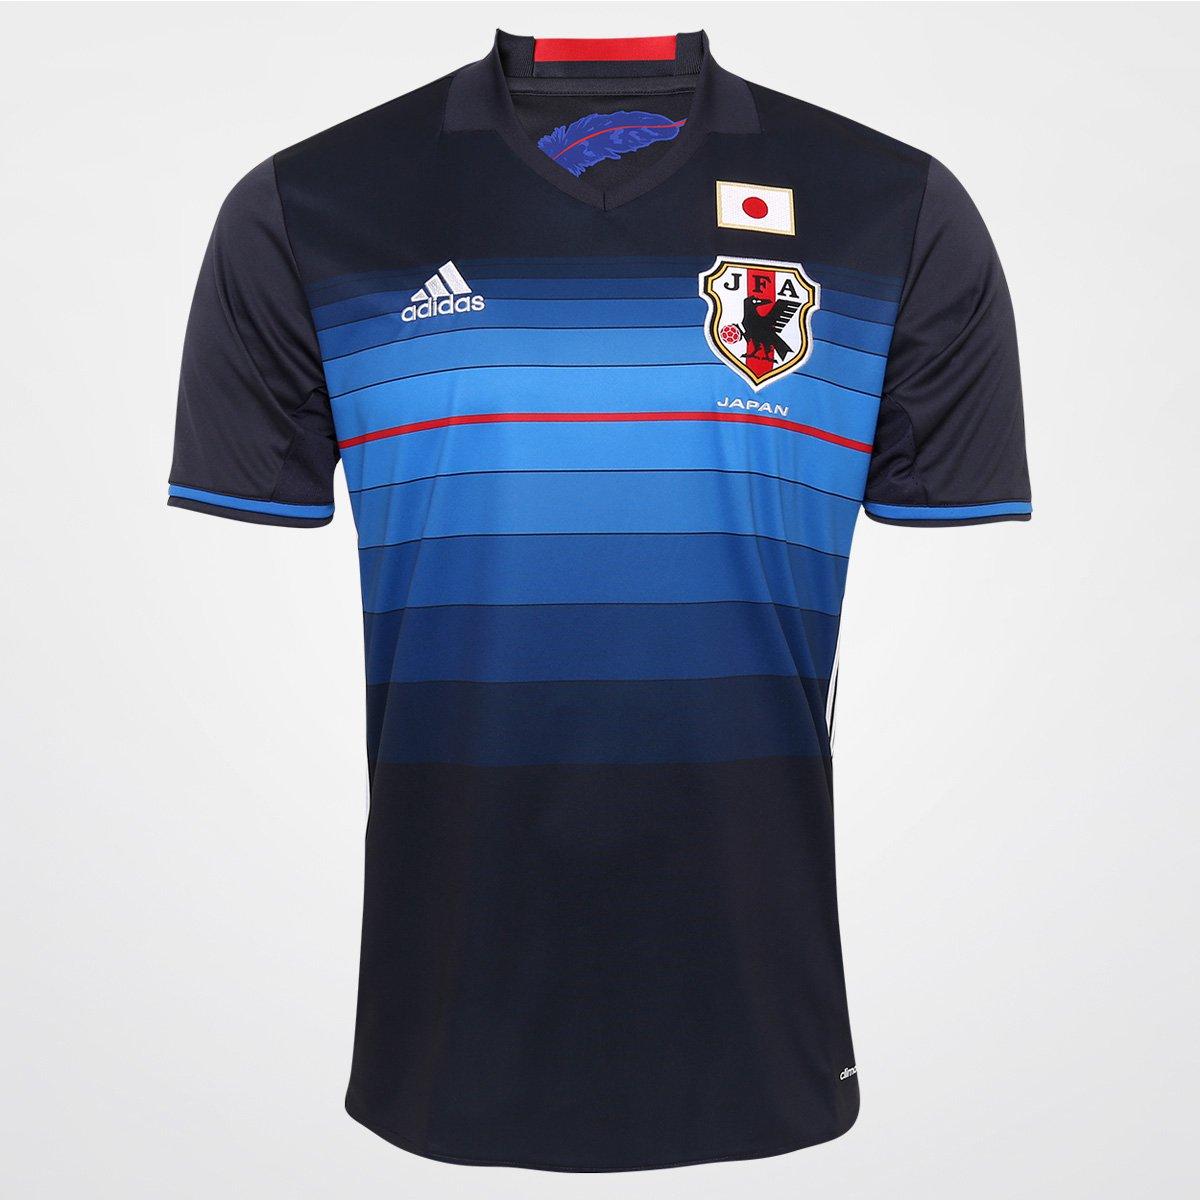 a08fcb003ddcc Camisa Seleção Japão Home 2016 s nº Torcedor Adidas Masculina - Compre  Agora